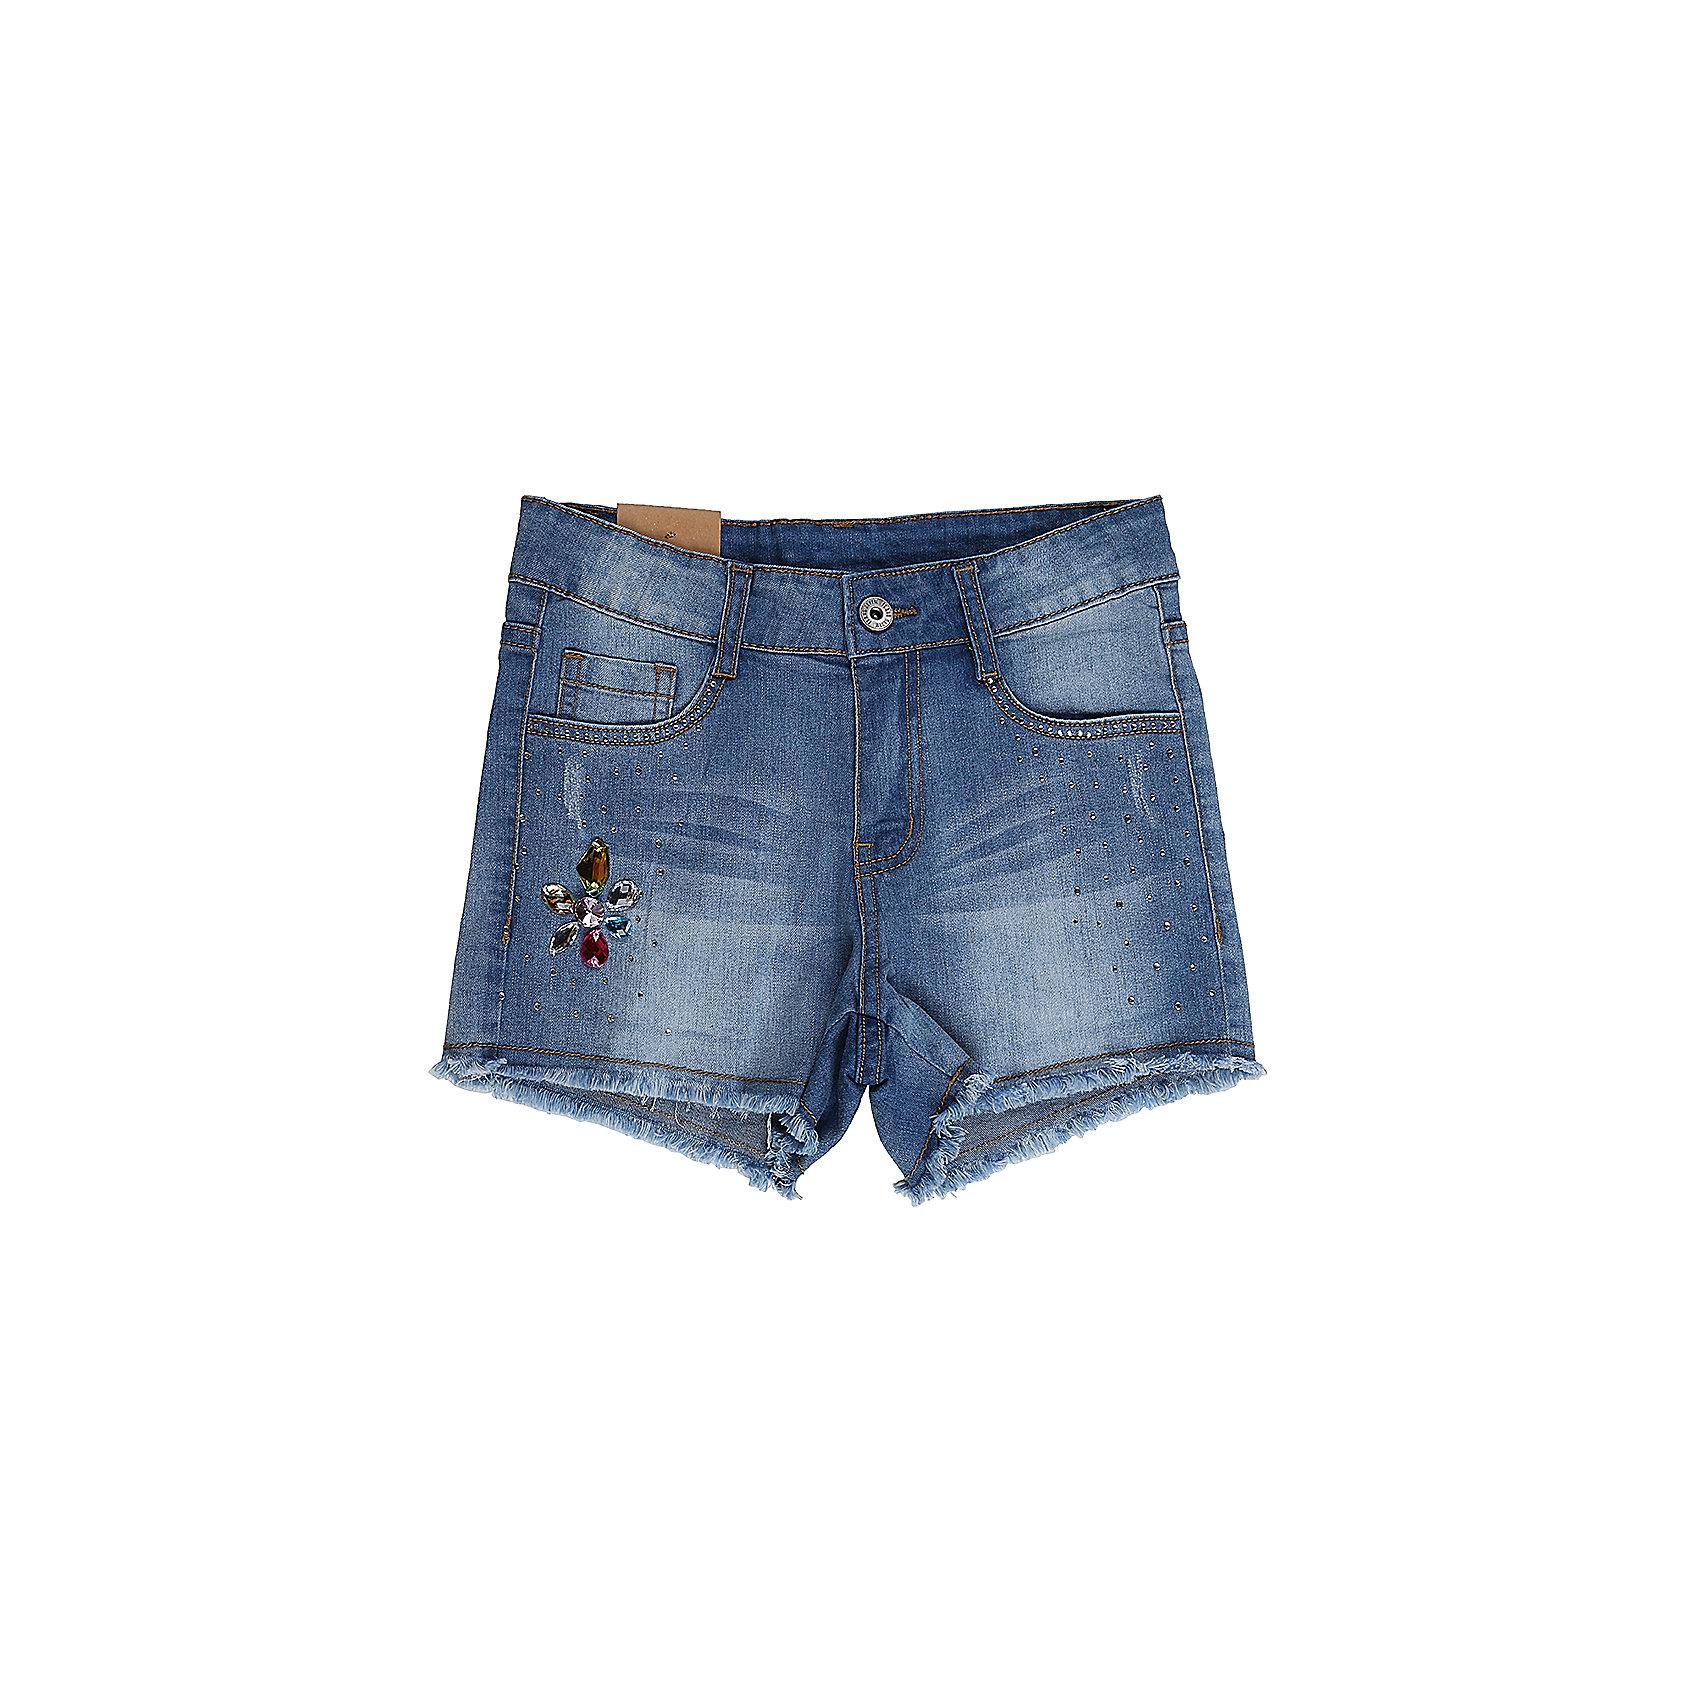 Шорты джинсовые для девочки Sweet BerryДжинсовая одежда<br>Джинсовые шорты для девочки Декорированые крупными стразами. Застегиваются на молнию и пуговицу.  В боковой части пояса находятся вшитые эластичные ленты, регулирующие посадку по талии.<br>Состав:<br>98%хлопок 2%эластан<br><br>Ширина мм: 191<br>Глубина мм: 10<br>Высота мм: 175<br>Вес г: 273<br>Цвет: голубой<br>Возраст от месяцев: 96<br>Возраст до месяцев: 108<br>Пол: Женский<br>Возраст: Детский<br>Размер: 134,140,146,152,158,164<br>SKU: 5413305